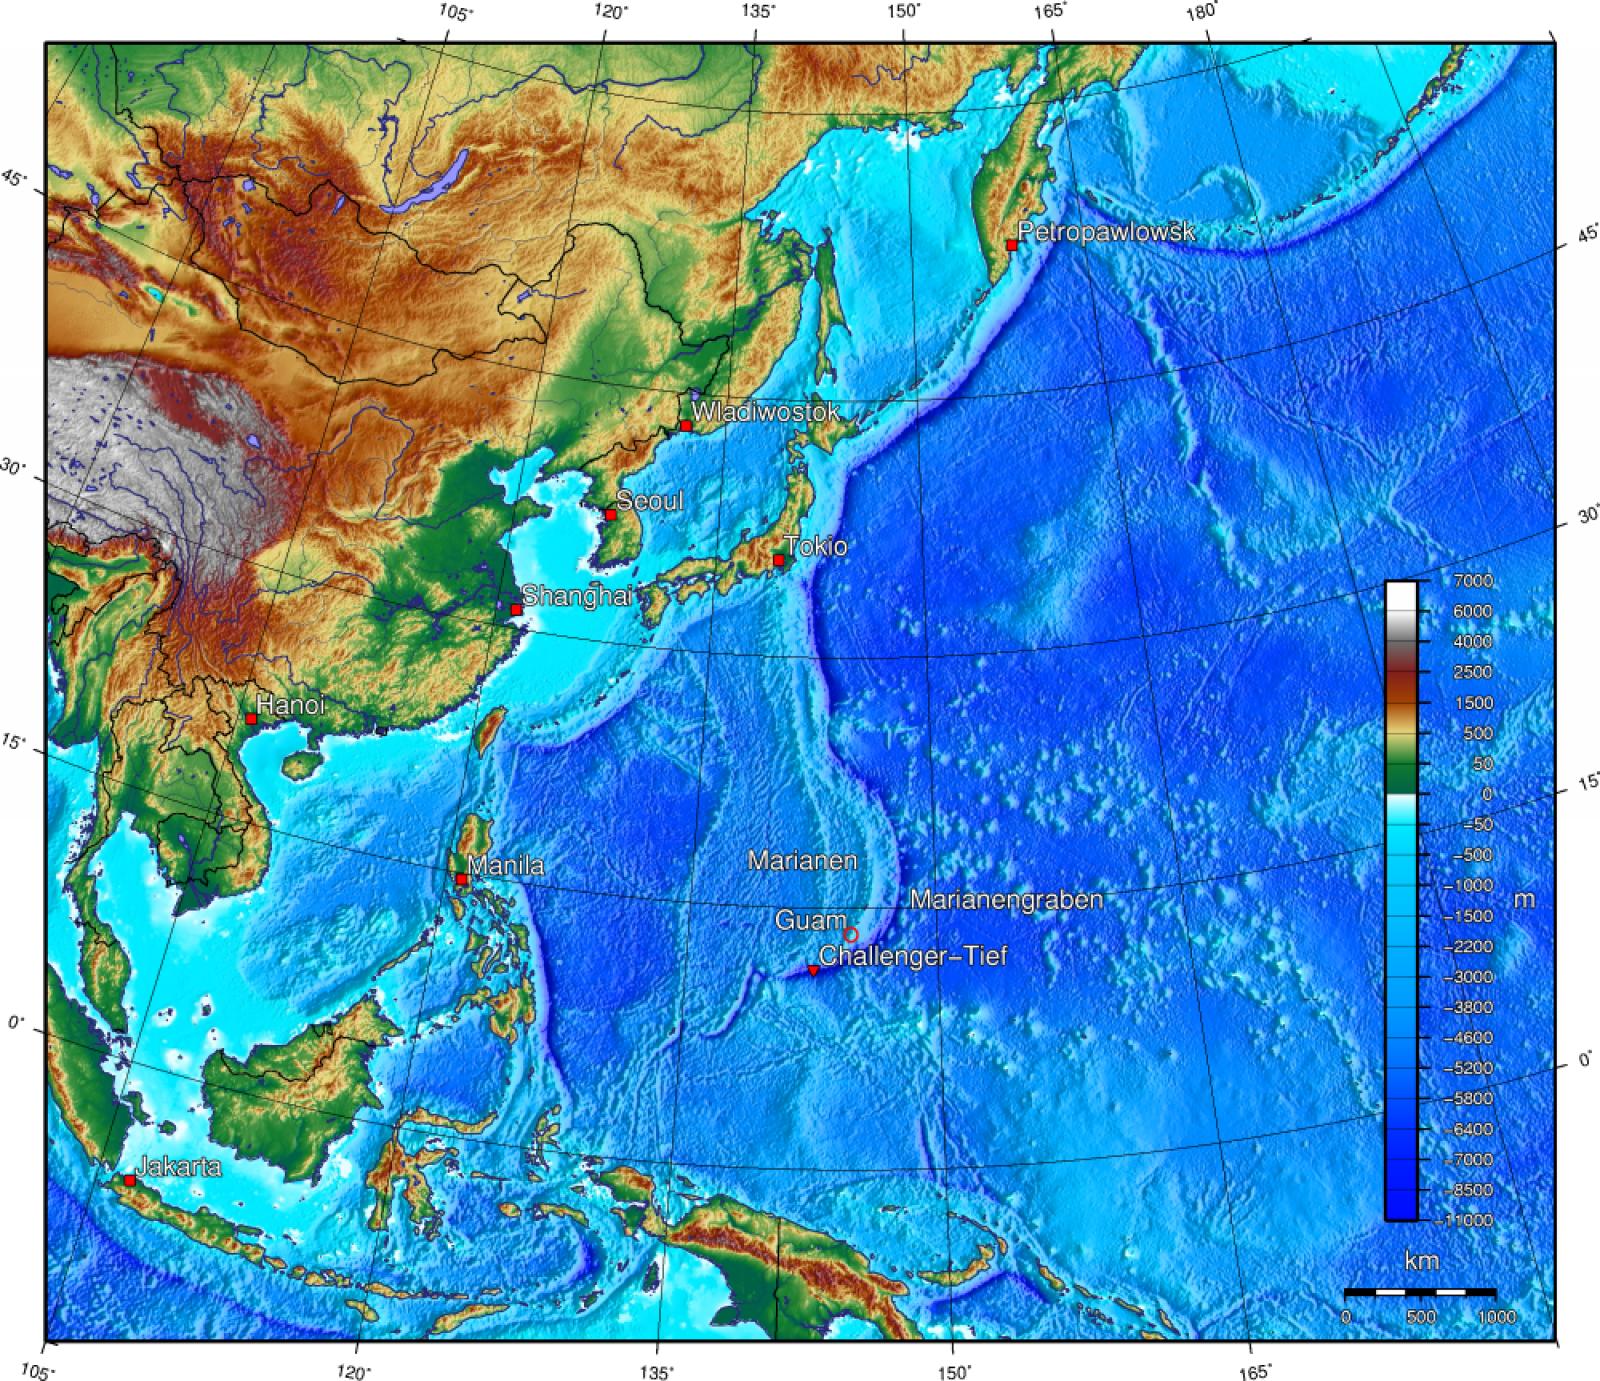 Ubicació de la fossa de les Marianes a l'oceà Pacífic